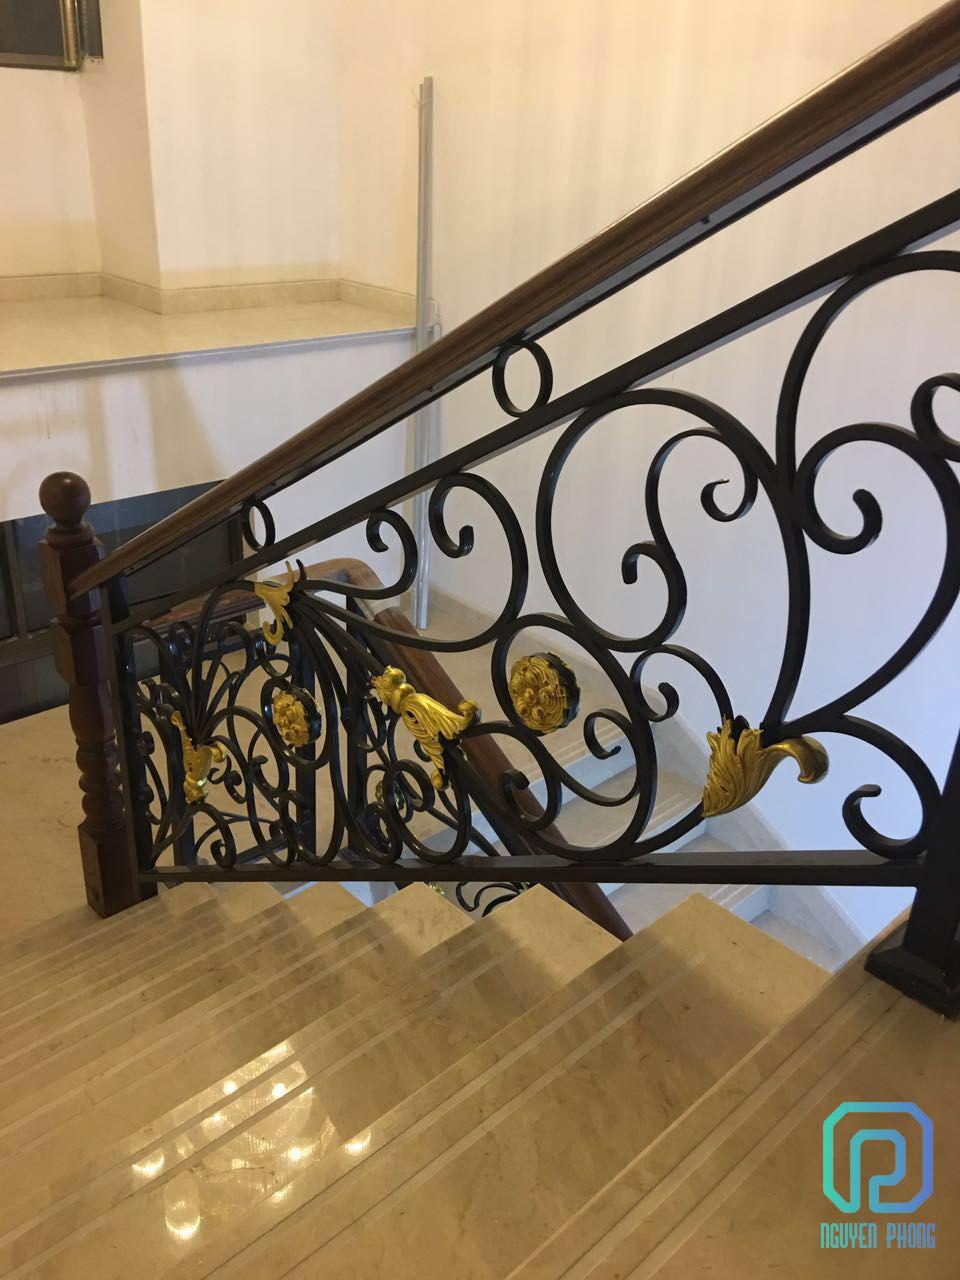 Lan can cầu thang sắt uốn mỹ thuật | Nguyên Phong2/4